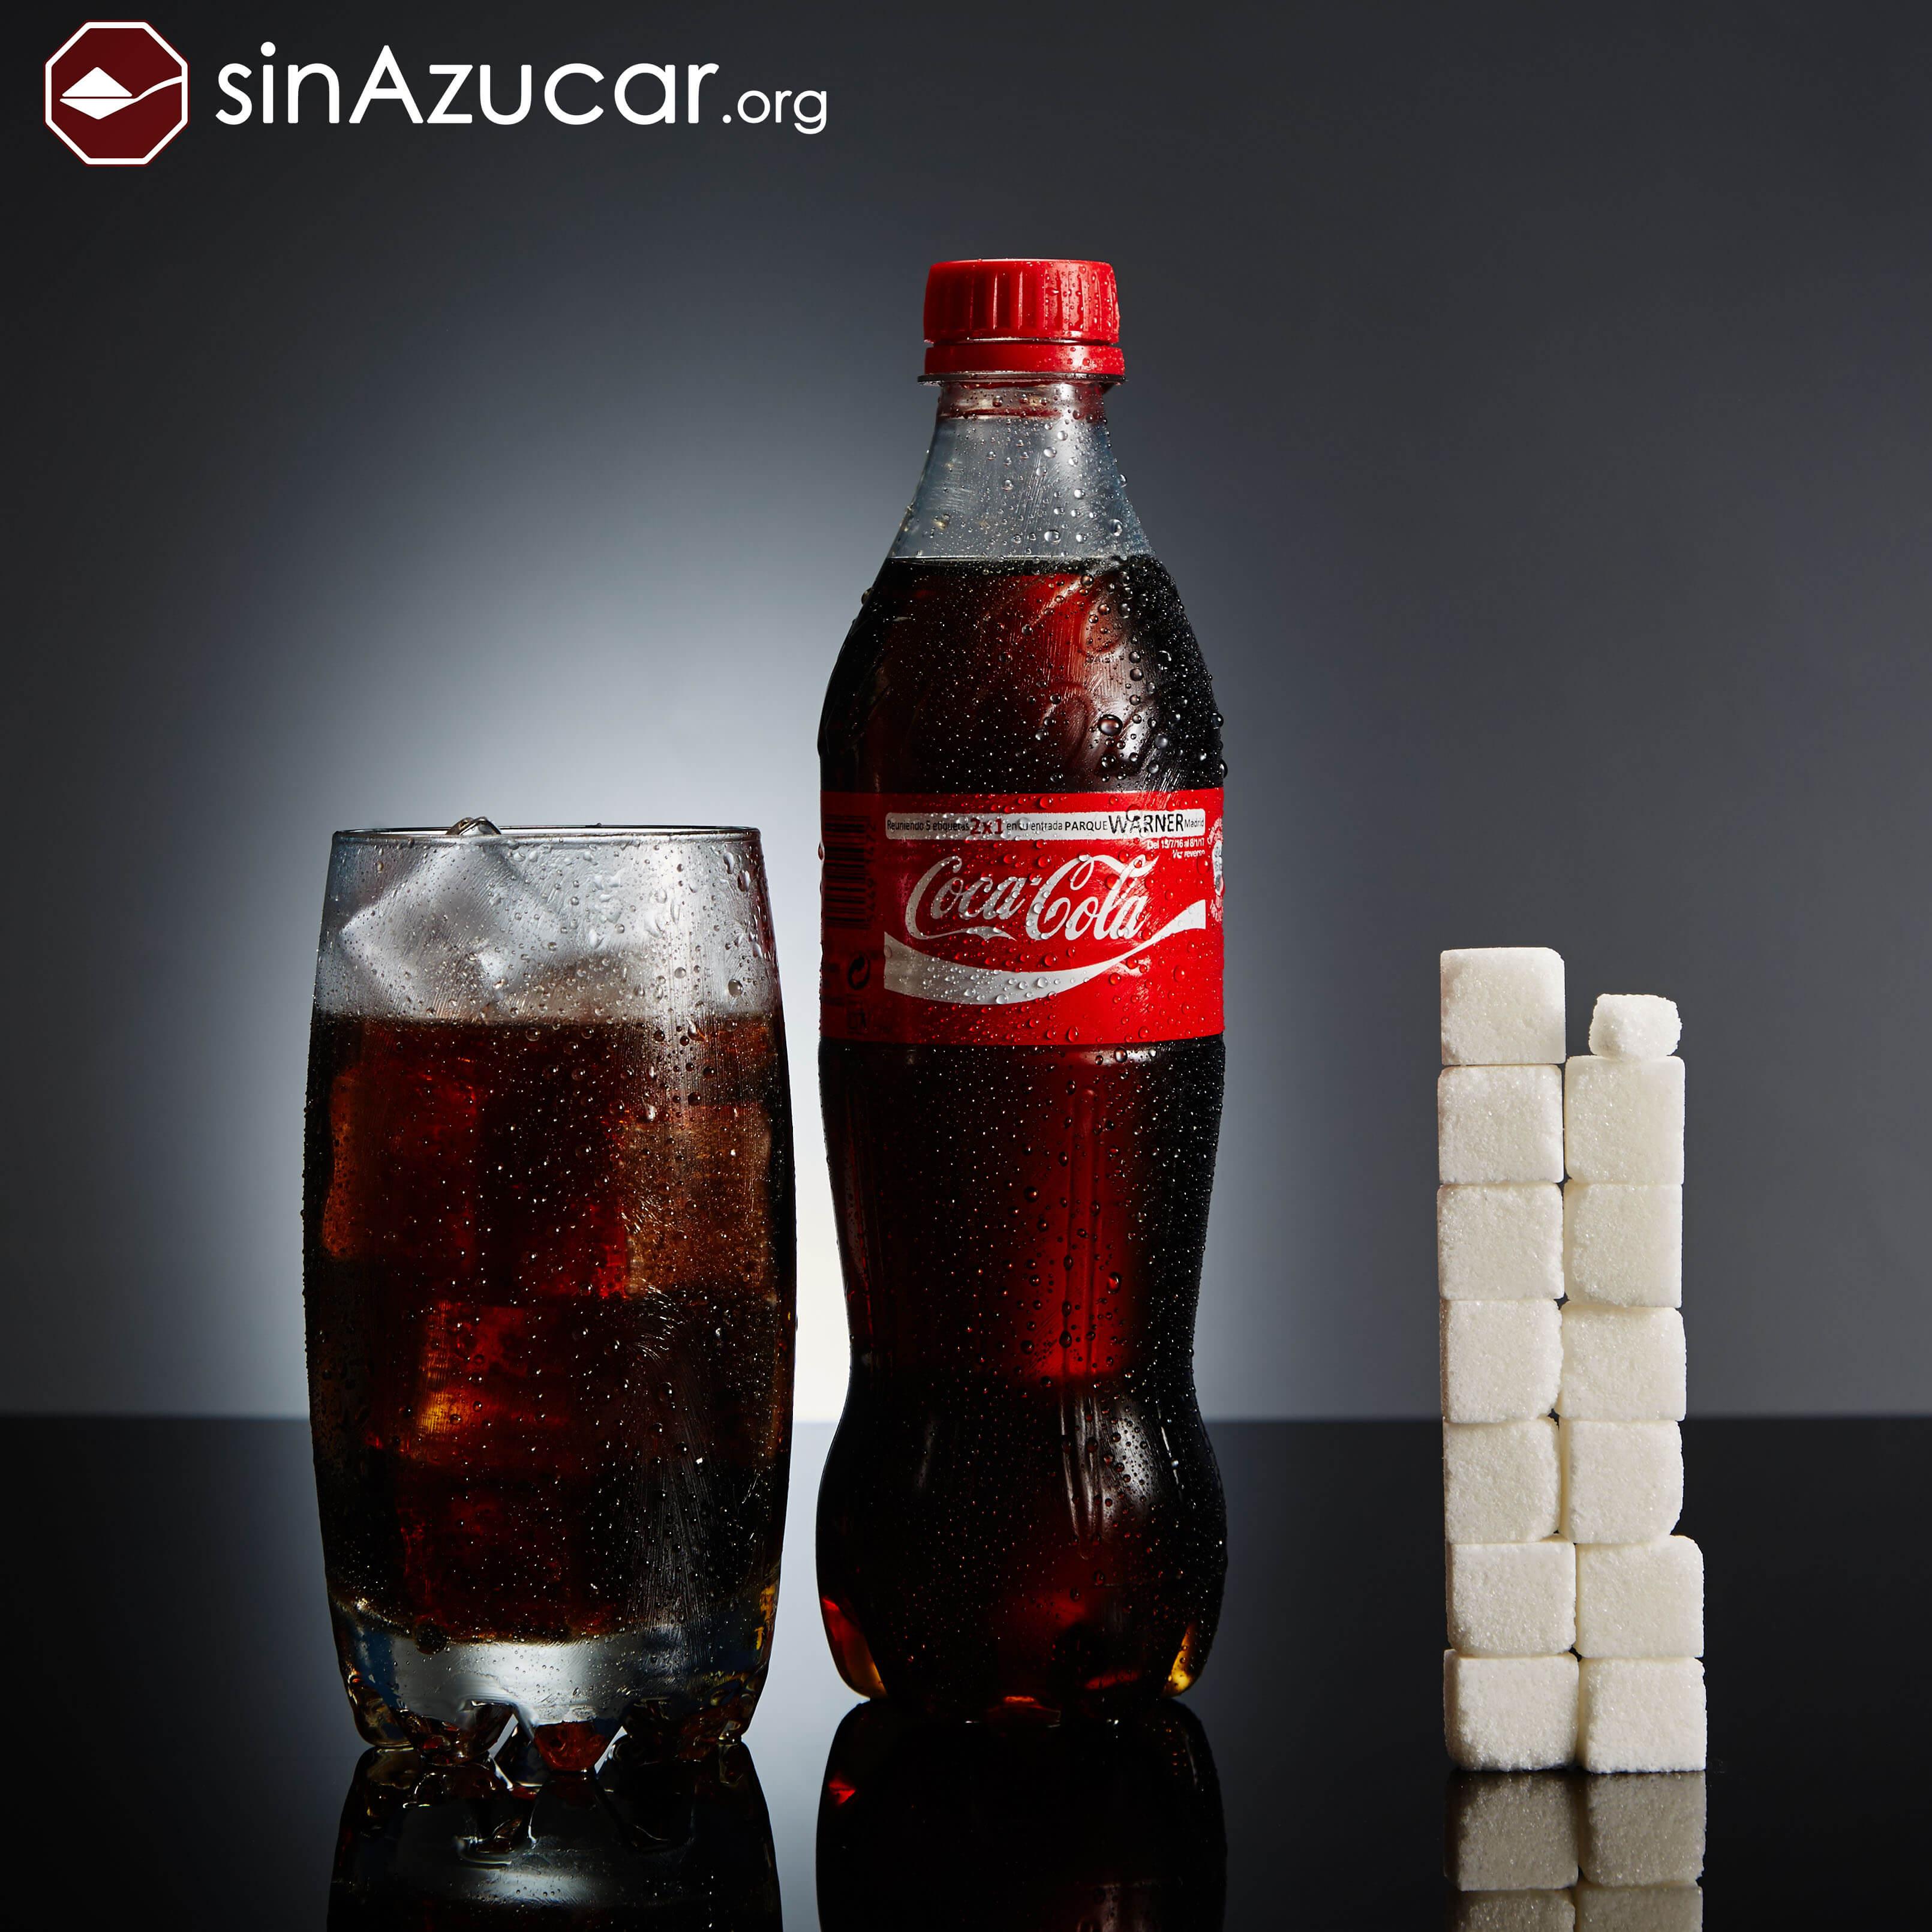 Sinazucar.org, la página que le cuenta cuánta azúcar consume en sus productos